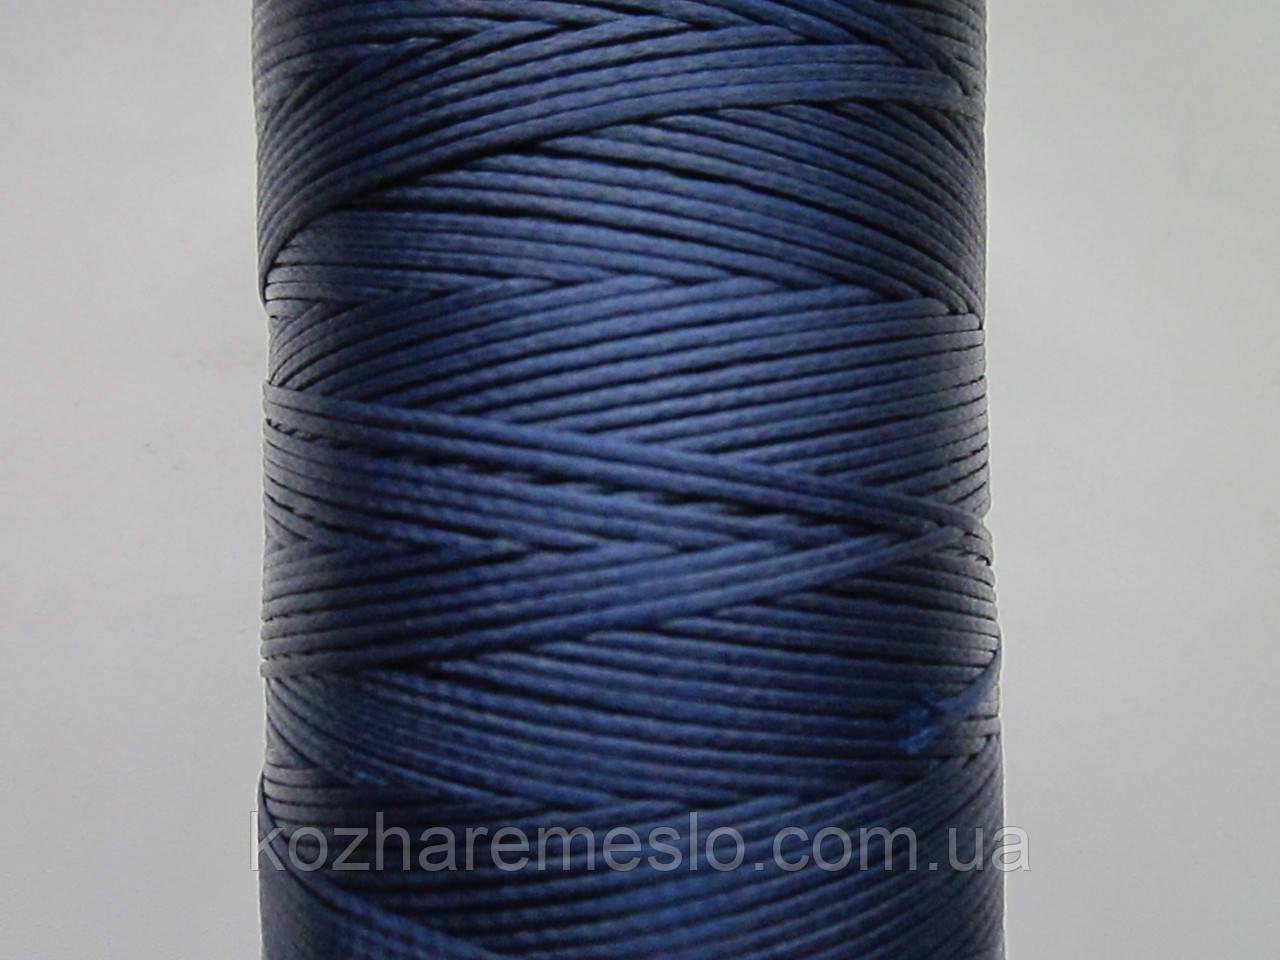 Нить вощёная плоская 1,2 мм тёмно - синяя 500 метров